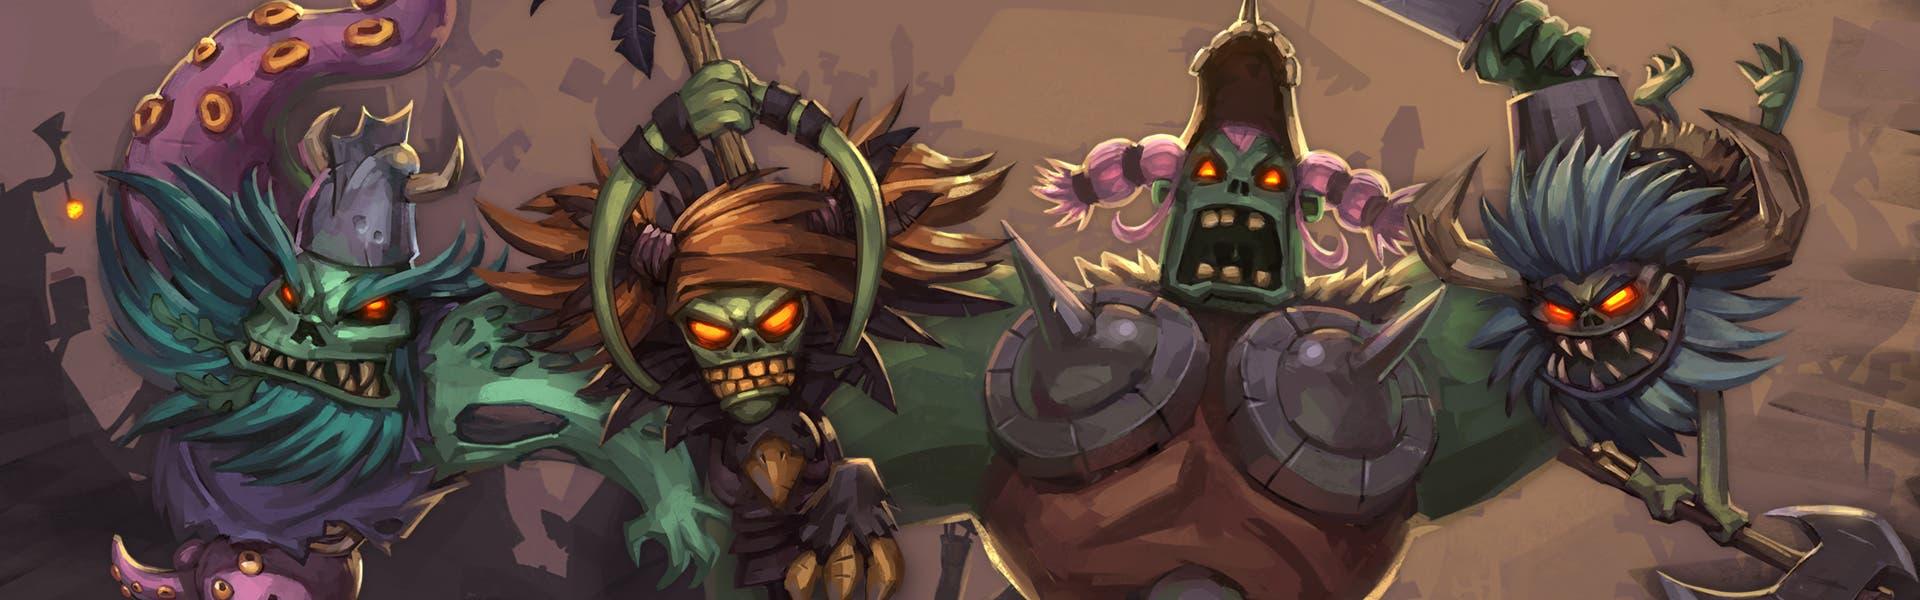 Zombie-Vikings-4